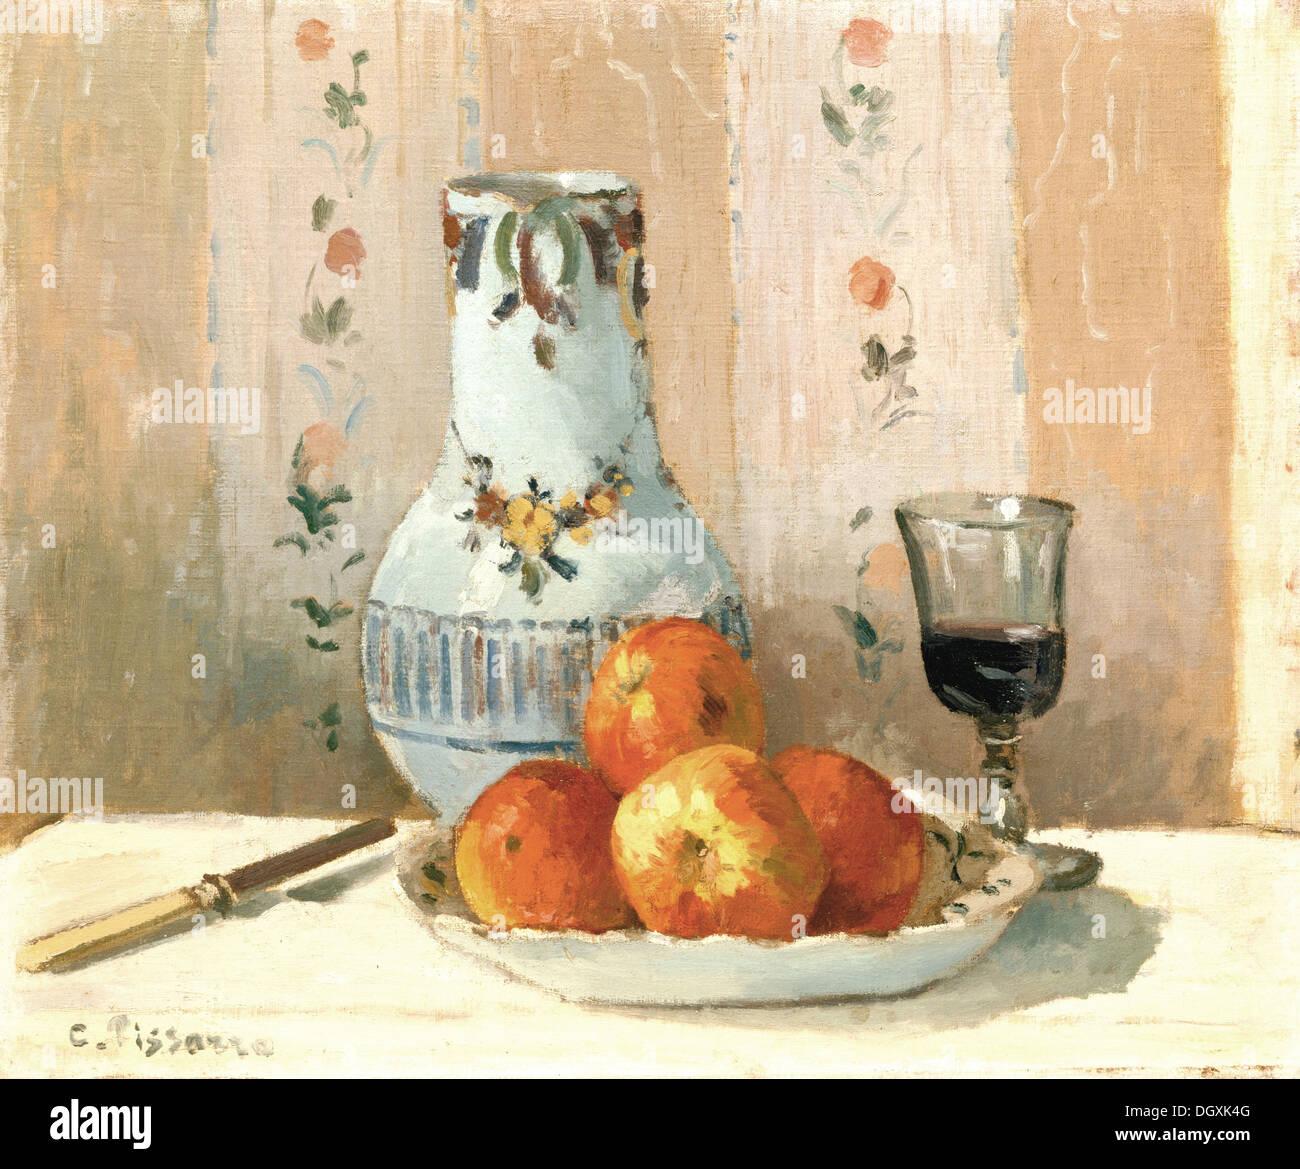 Nature morte avec pommes et Pitcher - par Camille Pissarro, 1872 Photo Stock